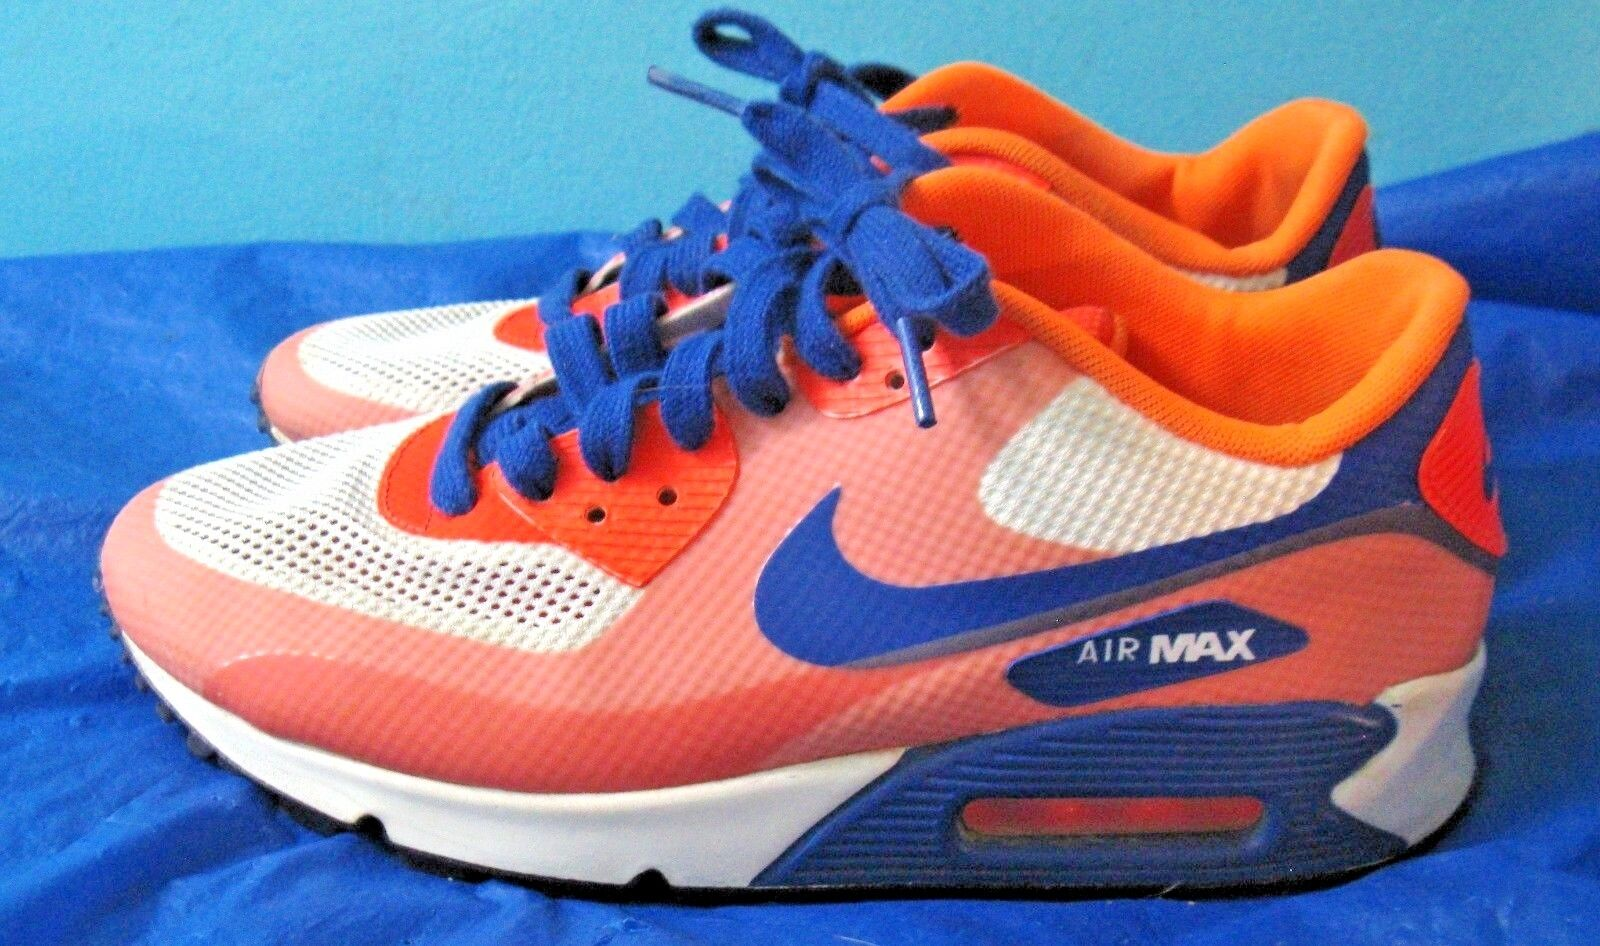 Nike Air Max 90 HYPERFUSE PREMIUM 454460-100  Hyper Blue Citrus Crms (Sz 9.5)